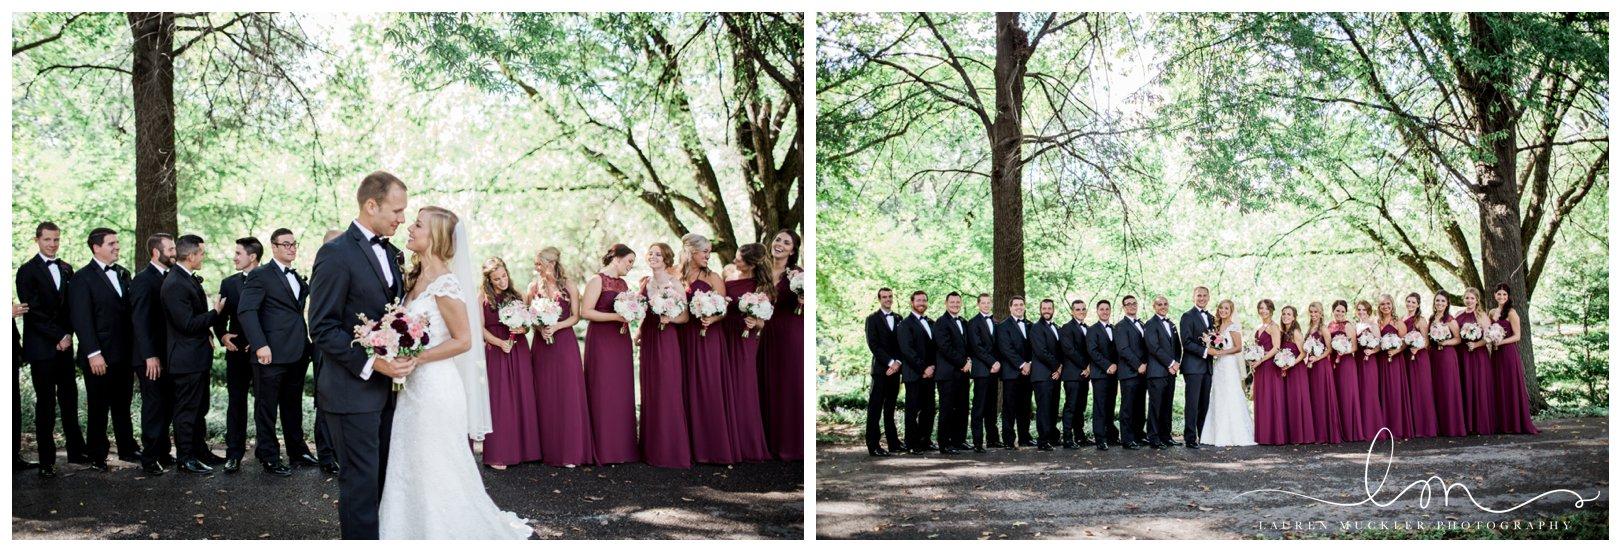 lauren muckler photography_fine art film wedding photography_st louis_photography_0816.jpg